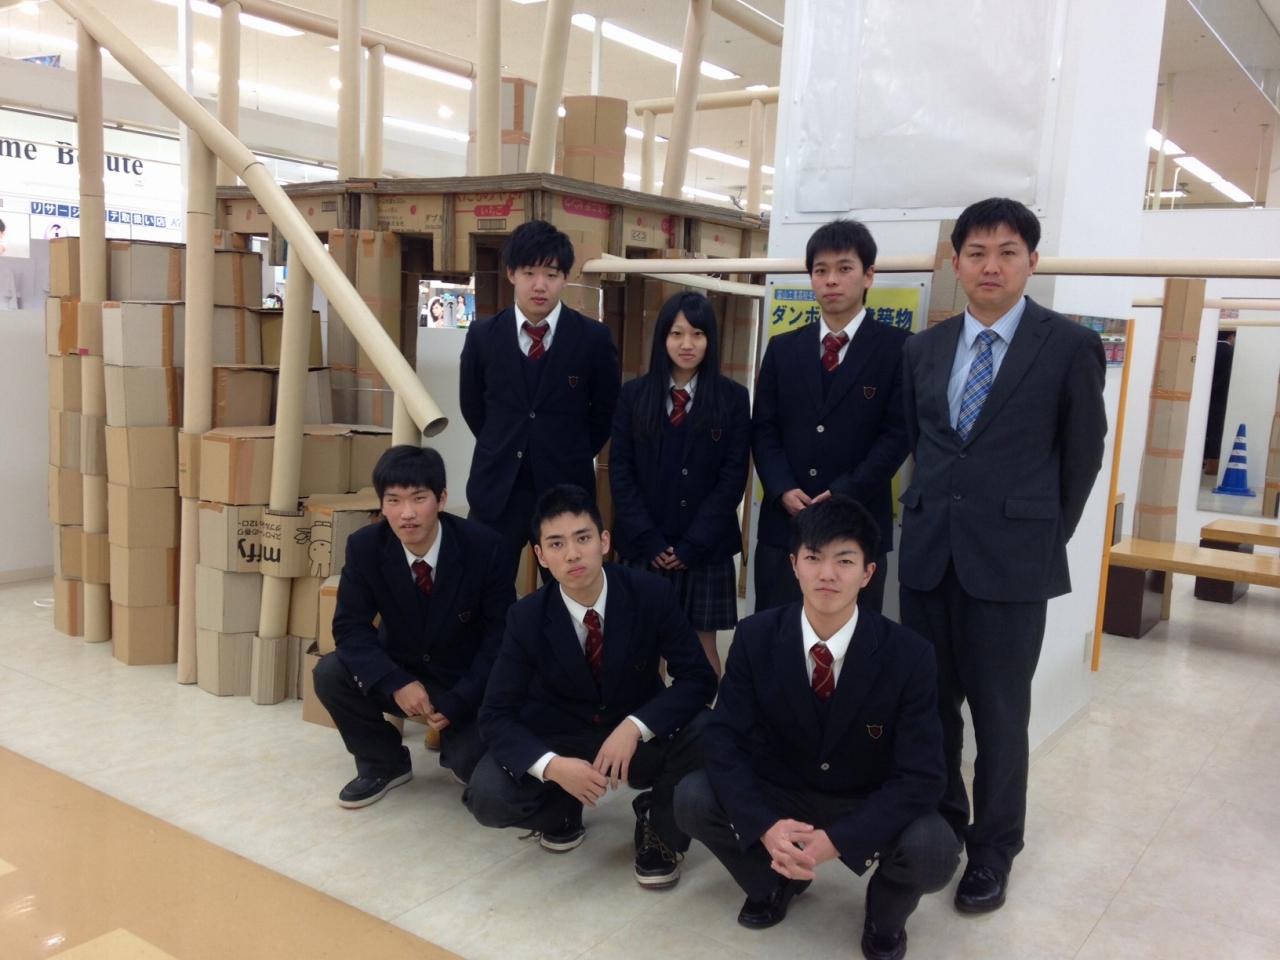 グリーンモール山室で高校生の発表会を開催 「富山工業高校 ダンボール建築物制作発表会」の画像